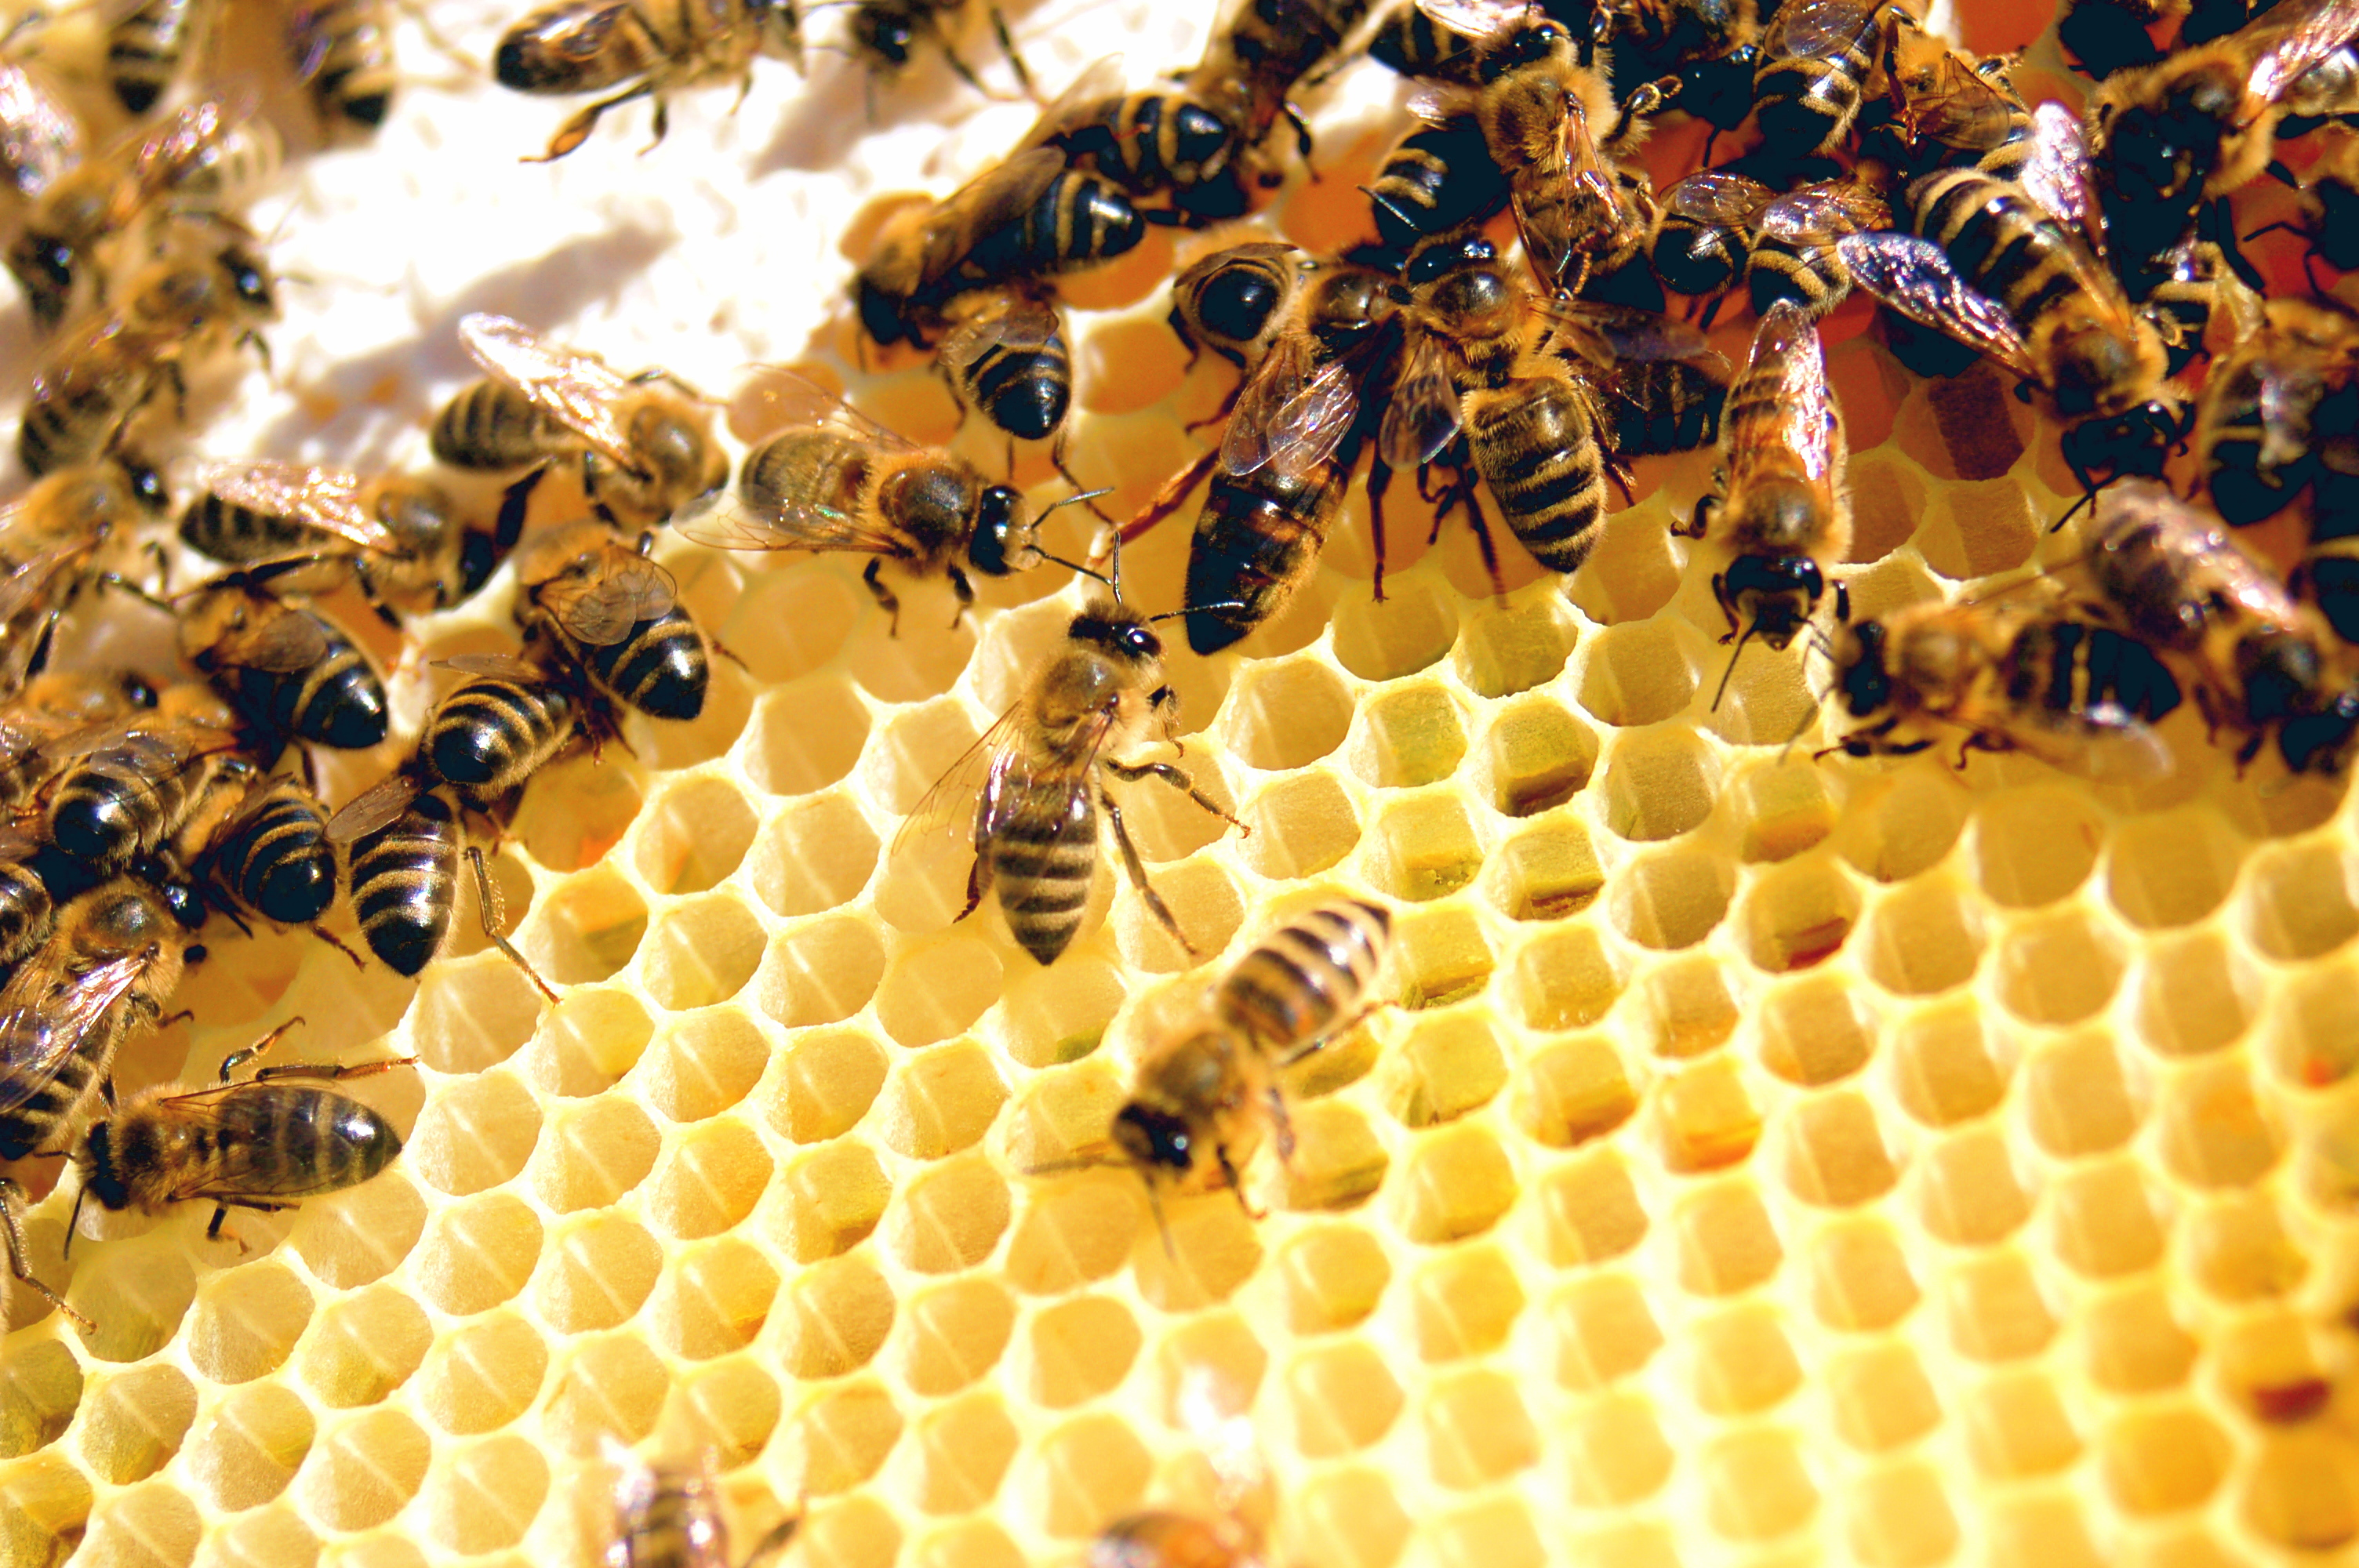 Como abejas a la miel